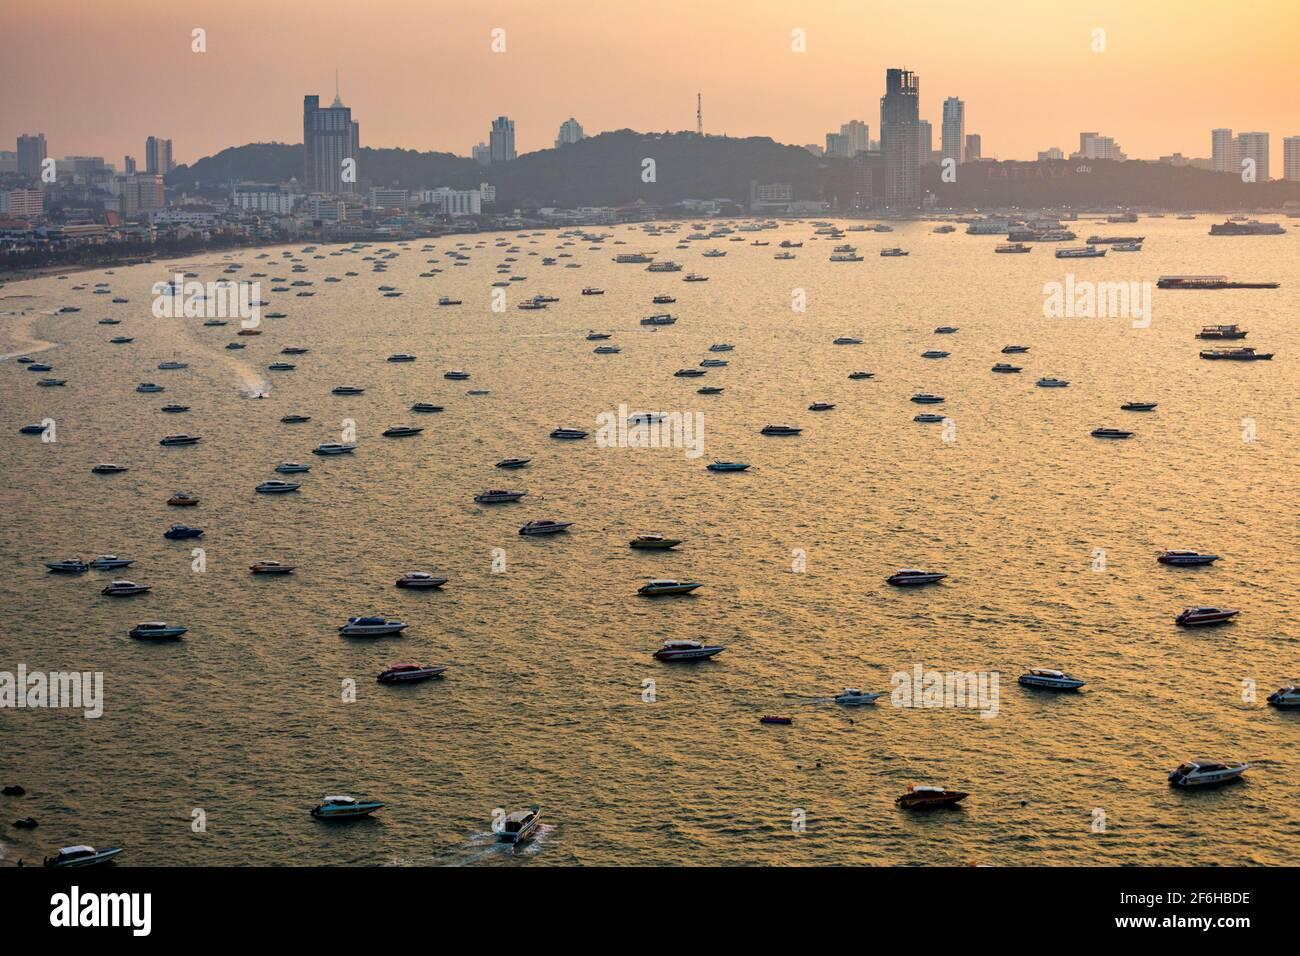 Flotte de bateaux de croisière amarrés au large au coucher du soleil, Pattaya, Thaïlande Banque D'Images